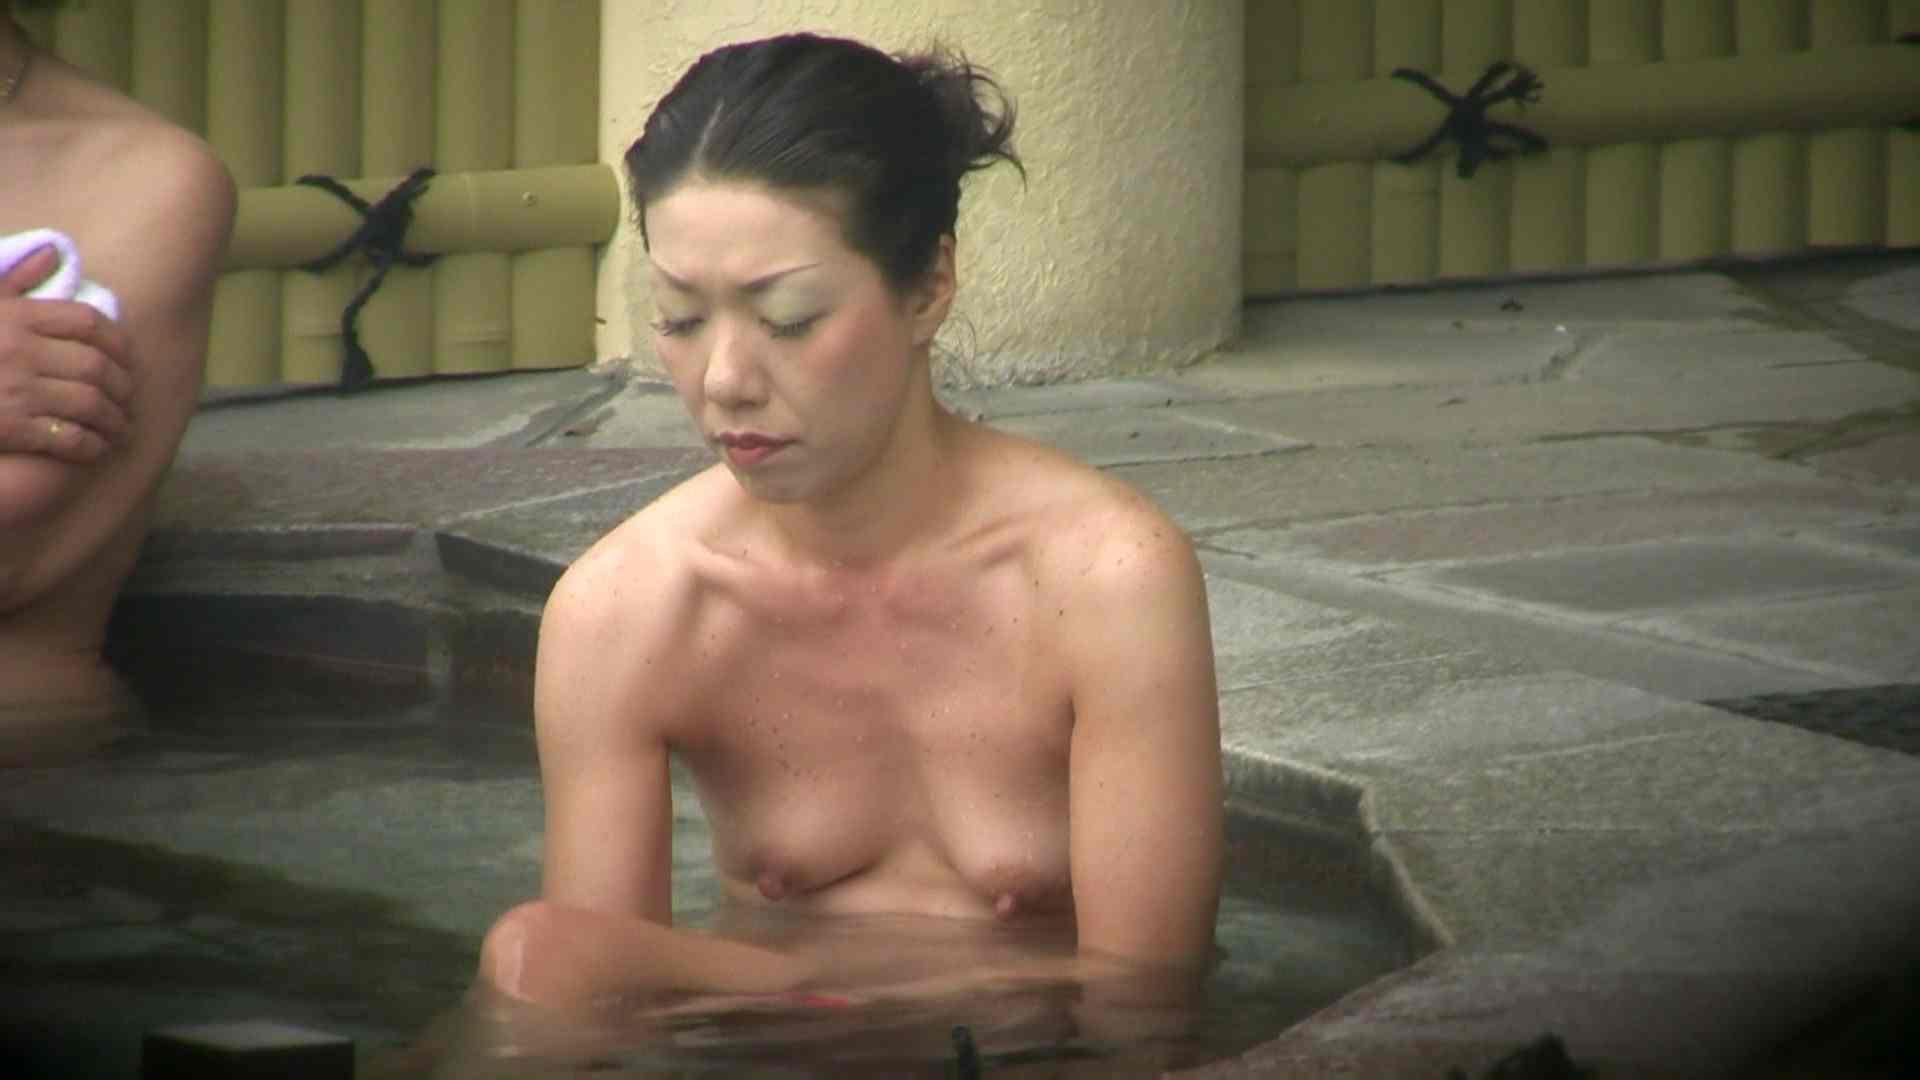 高画質露天女風呂観察 vol.036 高画質 | 女風呂  85pic 25